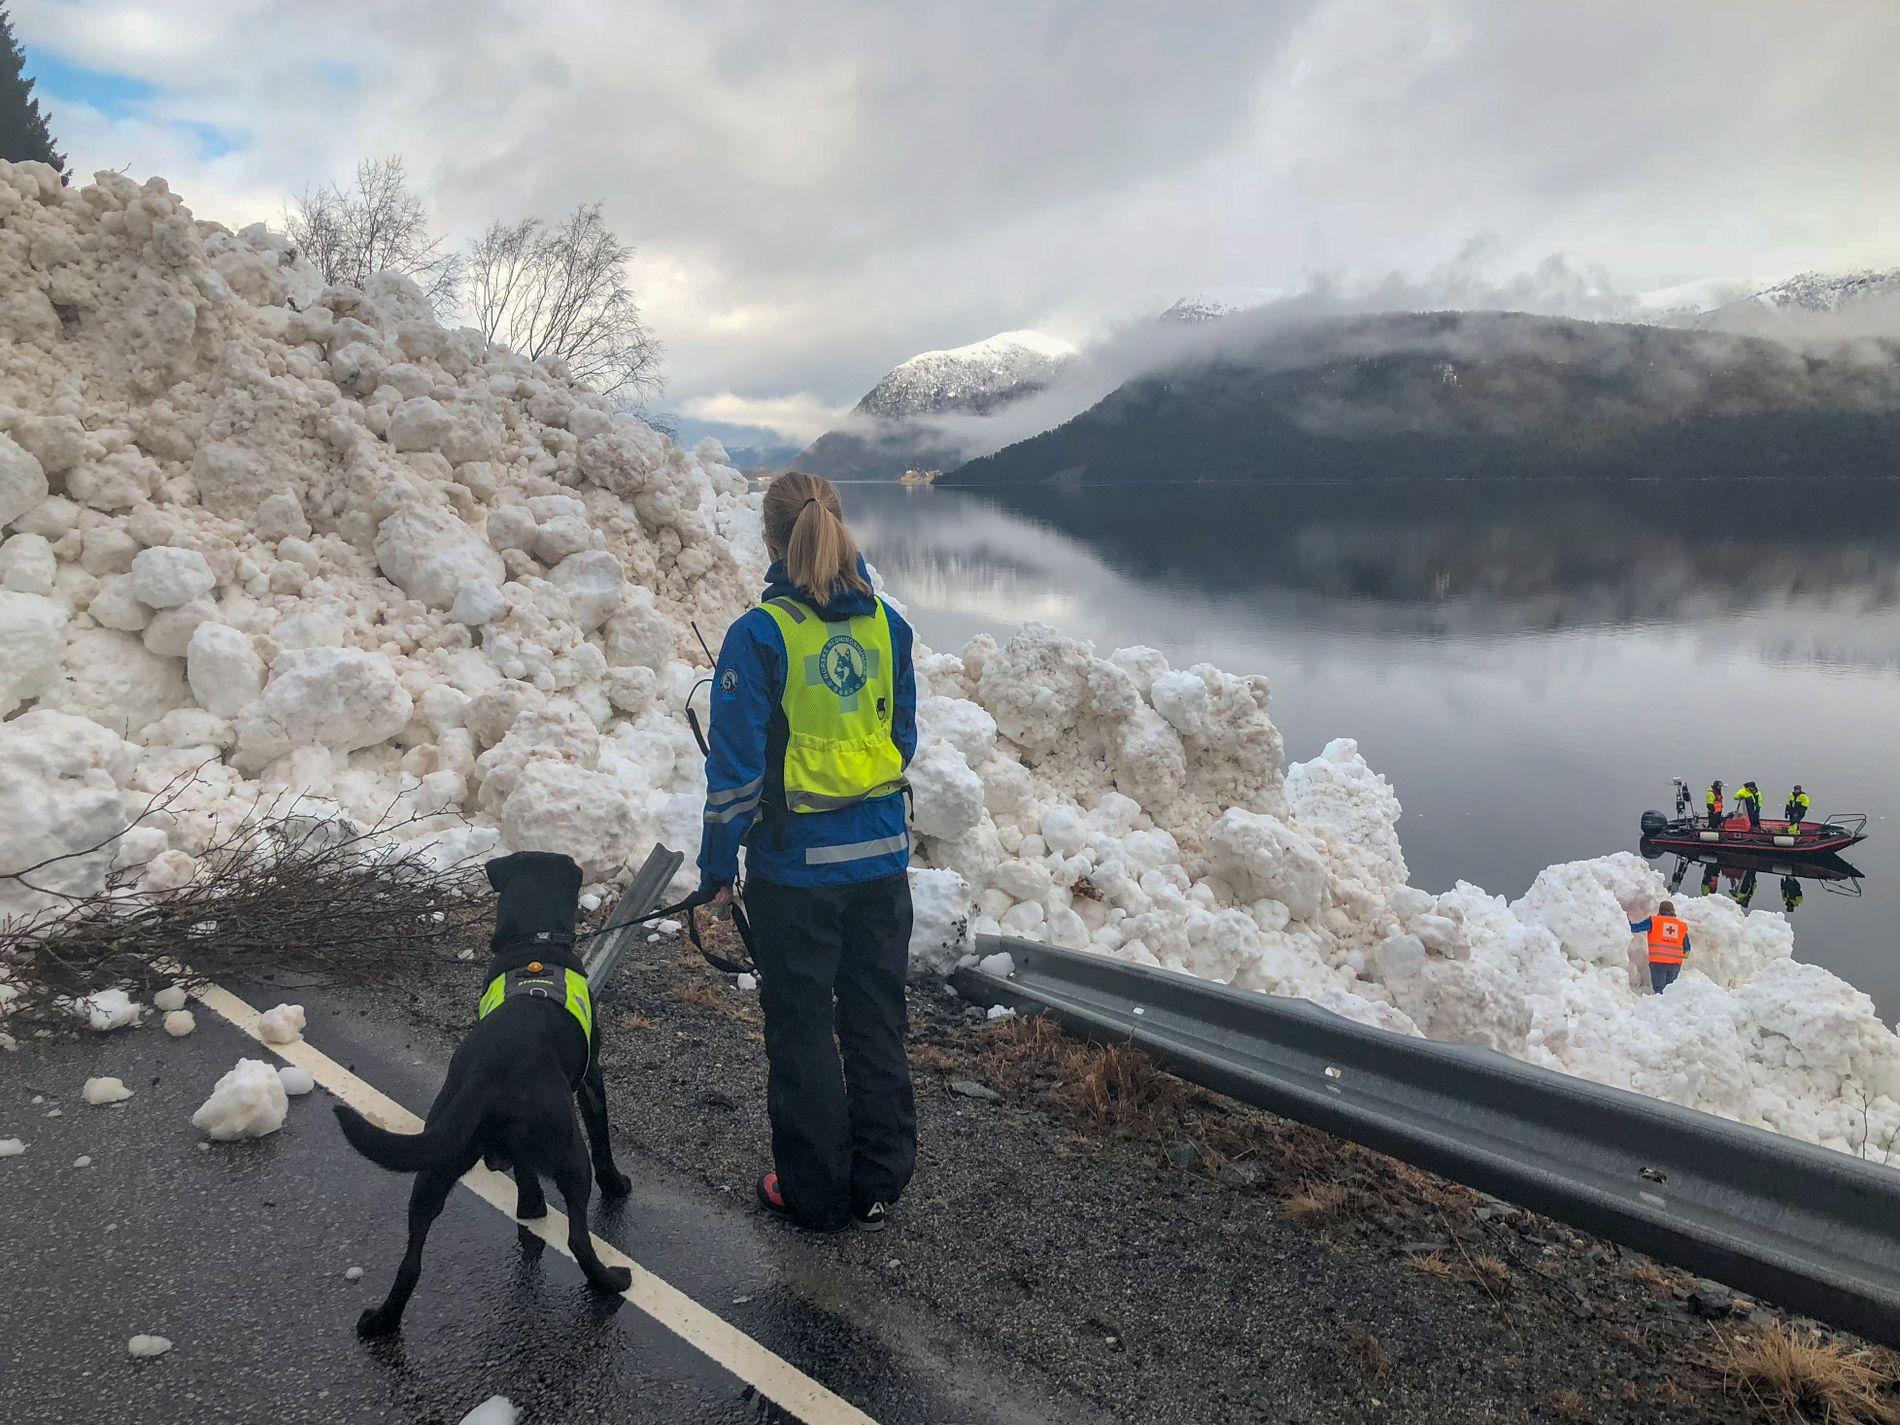 KJEMPESKRED: Et snøskred sperret veien på E39 ved Hornindalsvatnet søndag. Norske Redningshunder var på stedet for å sjekke om det kunne være folk som var tatt av skredet.